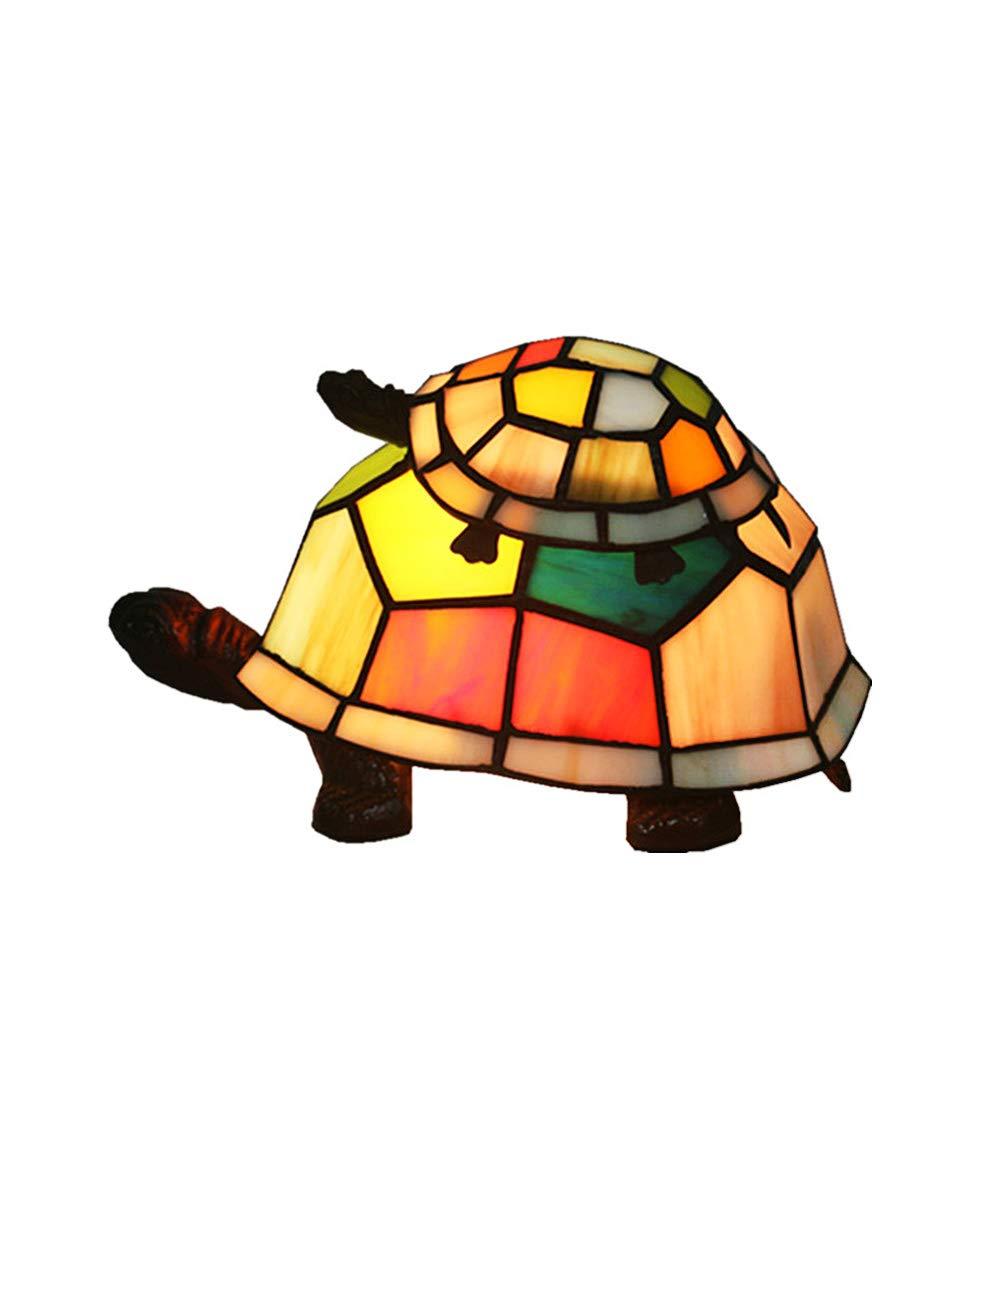 Fonly Retro Speziell für grenzüberschreitende Europäische Original Fashion Tortoise Night Lamp Lovely Kinderzimmer (Farbe   B)